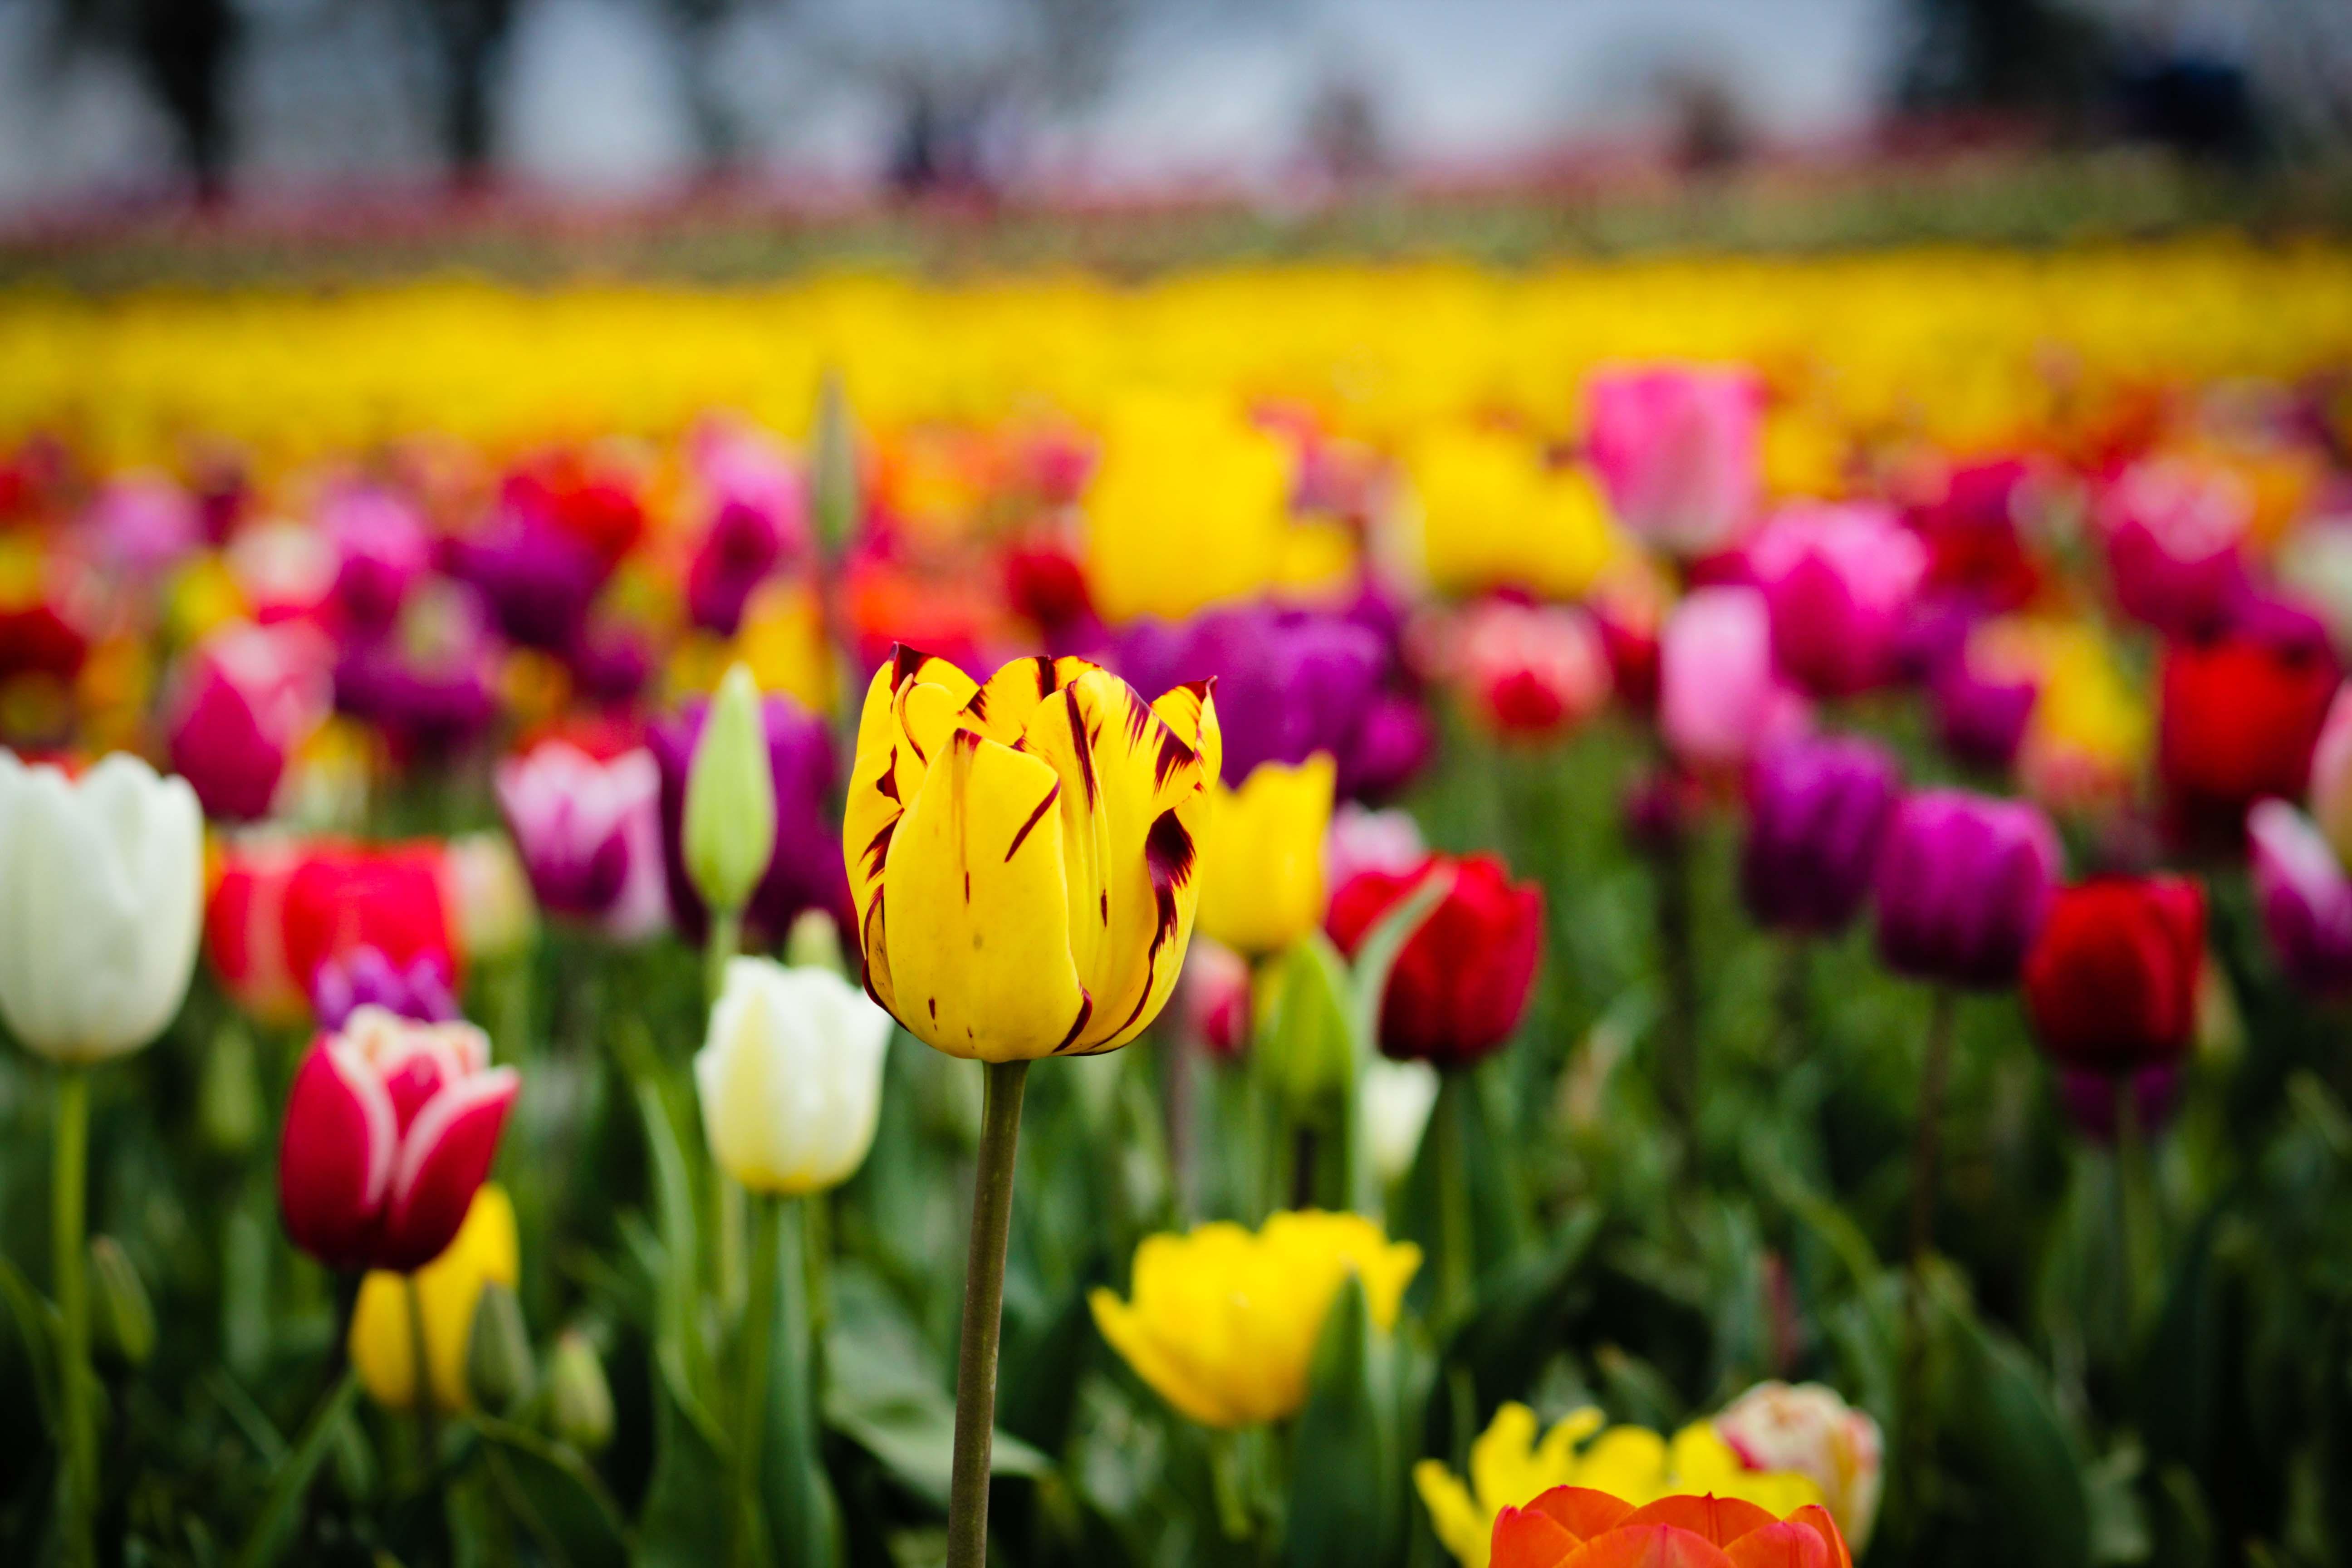 tulip field flowers - HD Desktop Wallpapers | 4k HD